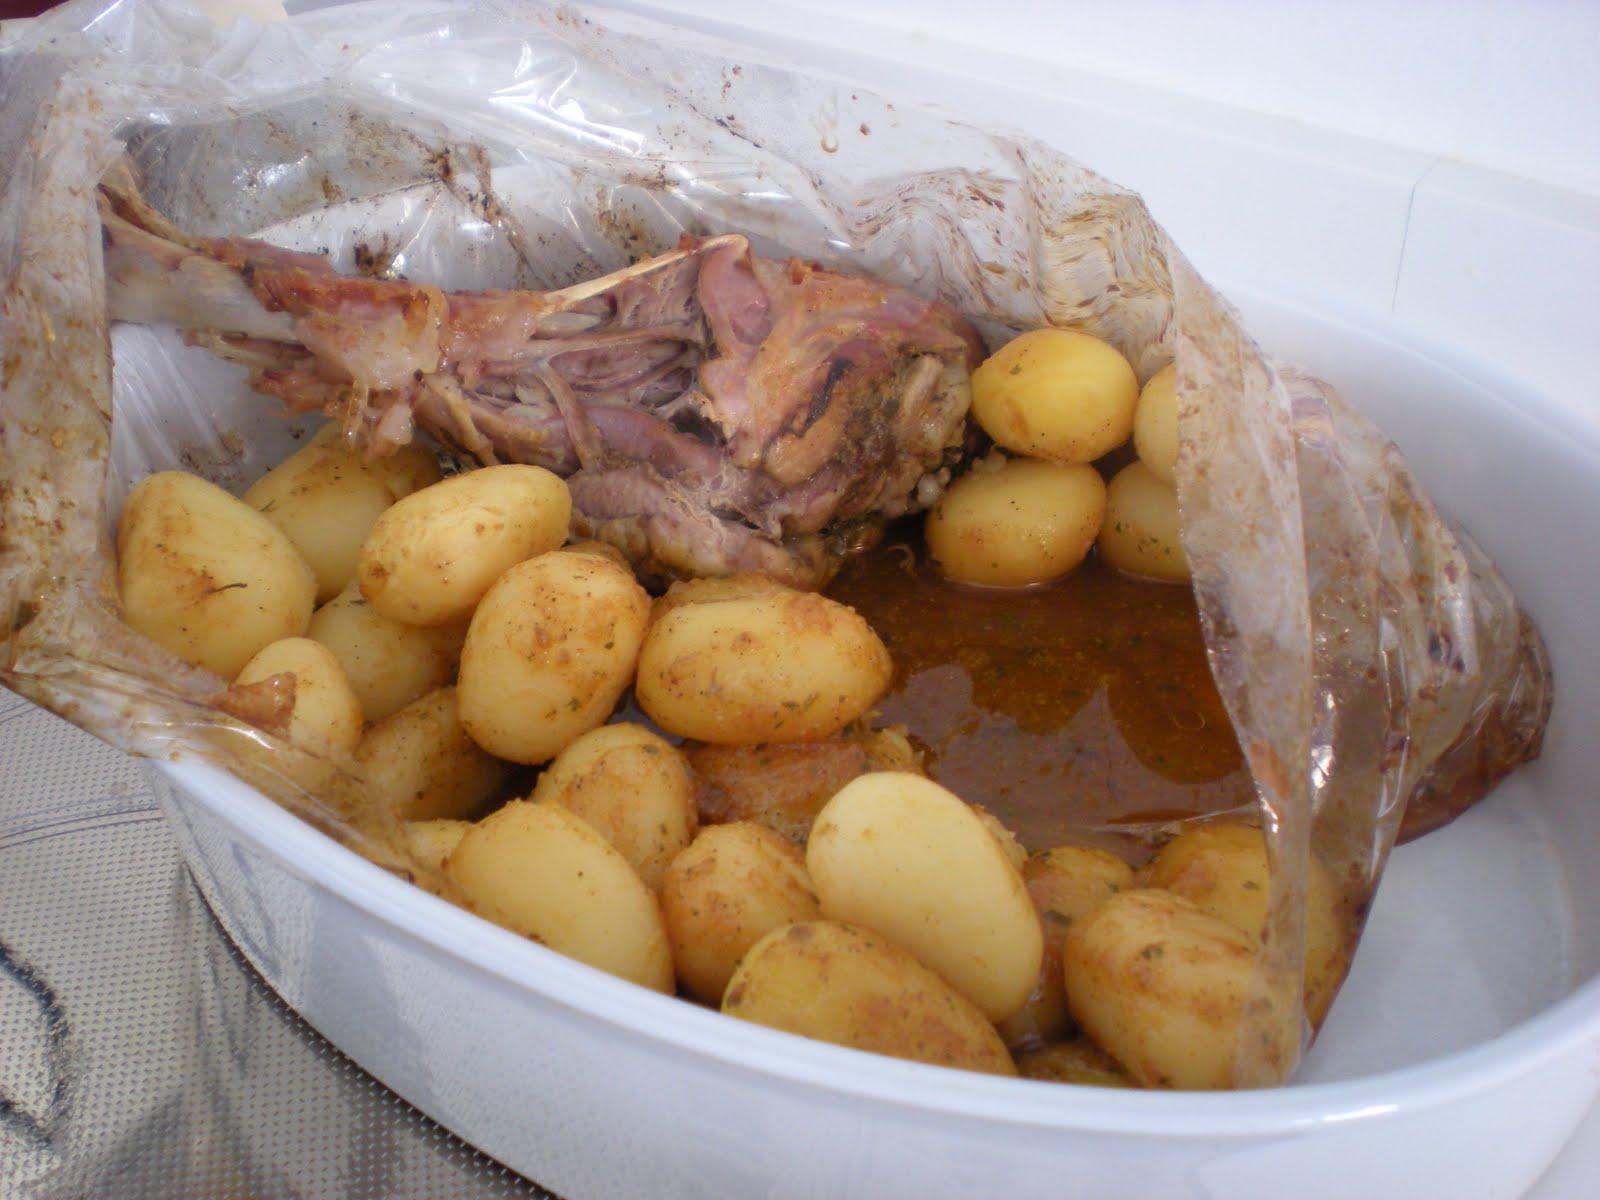 Mis trucos de cocina pavo al horno en bolsa de plastico - Espatula plastico cocina ...